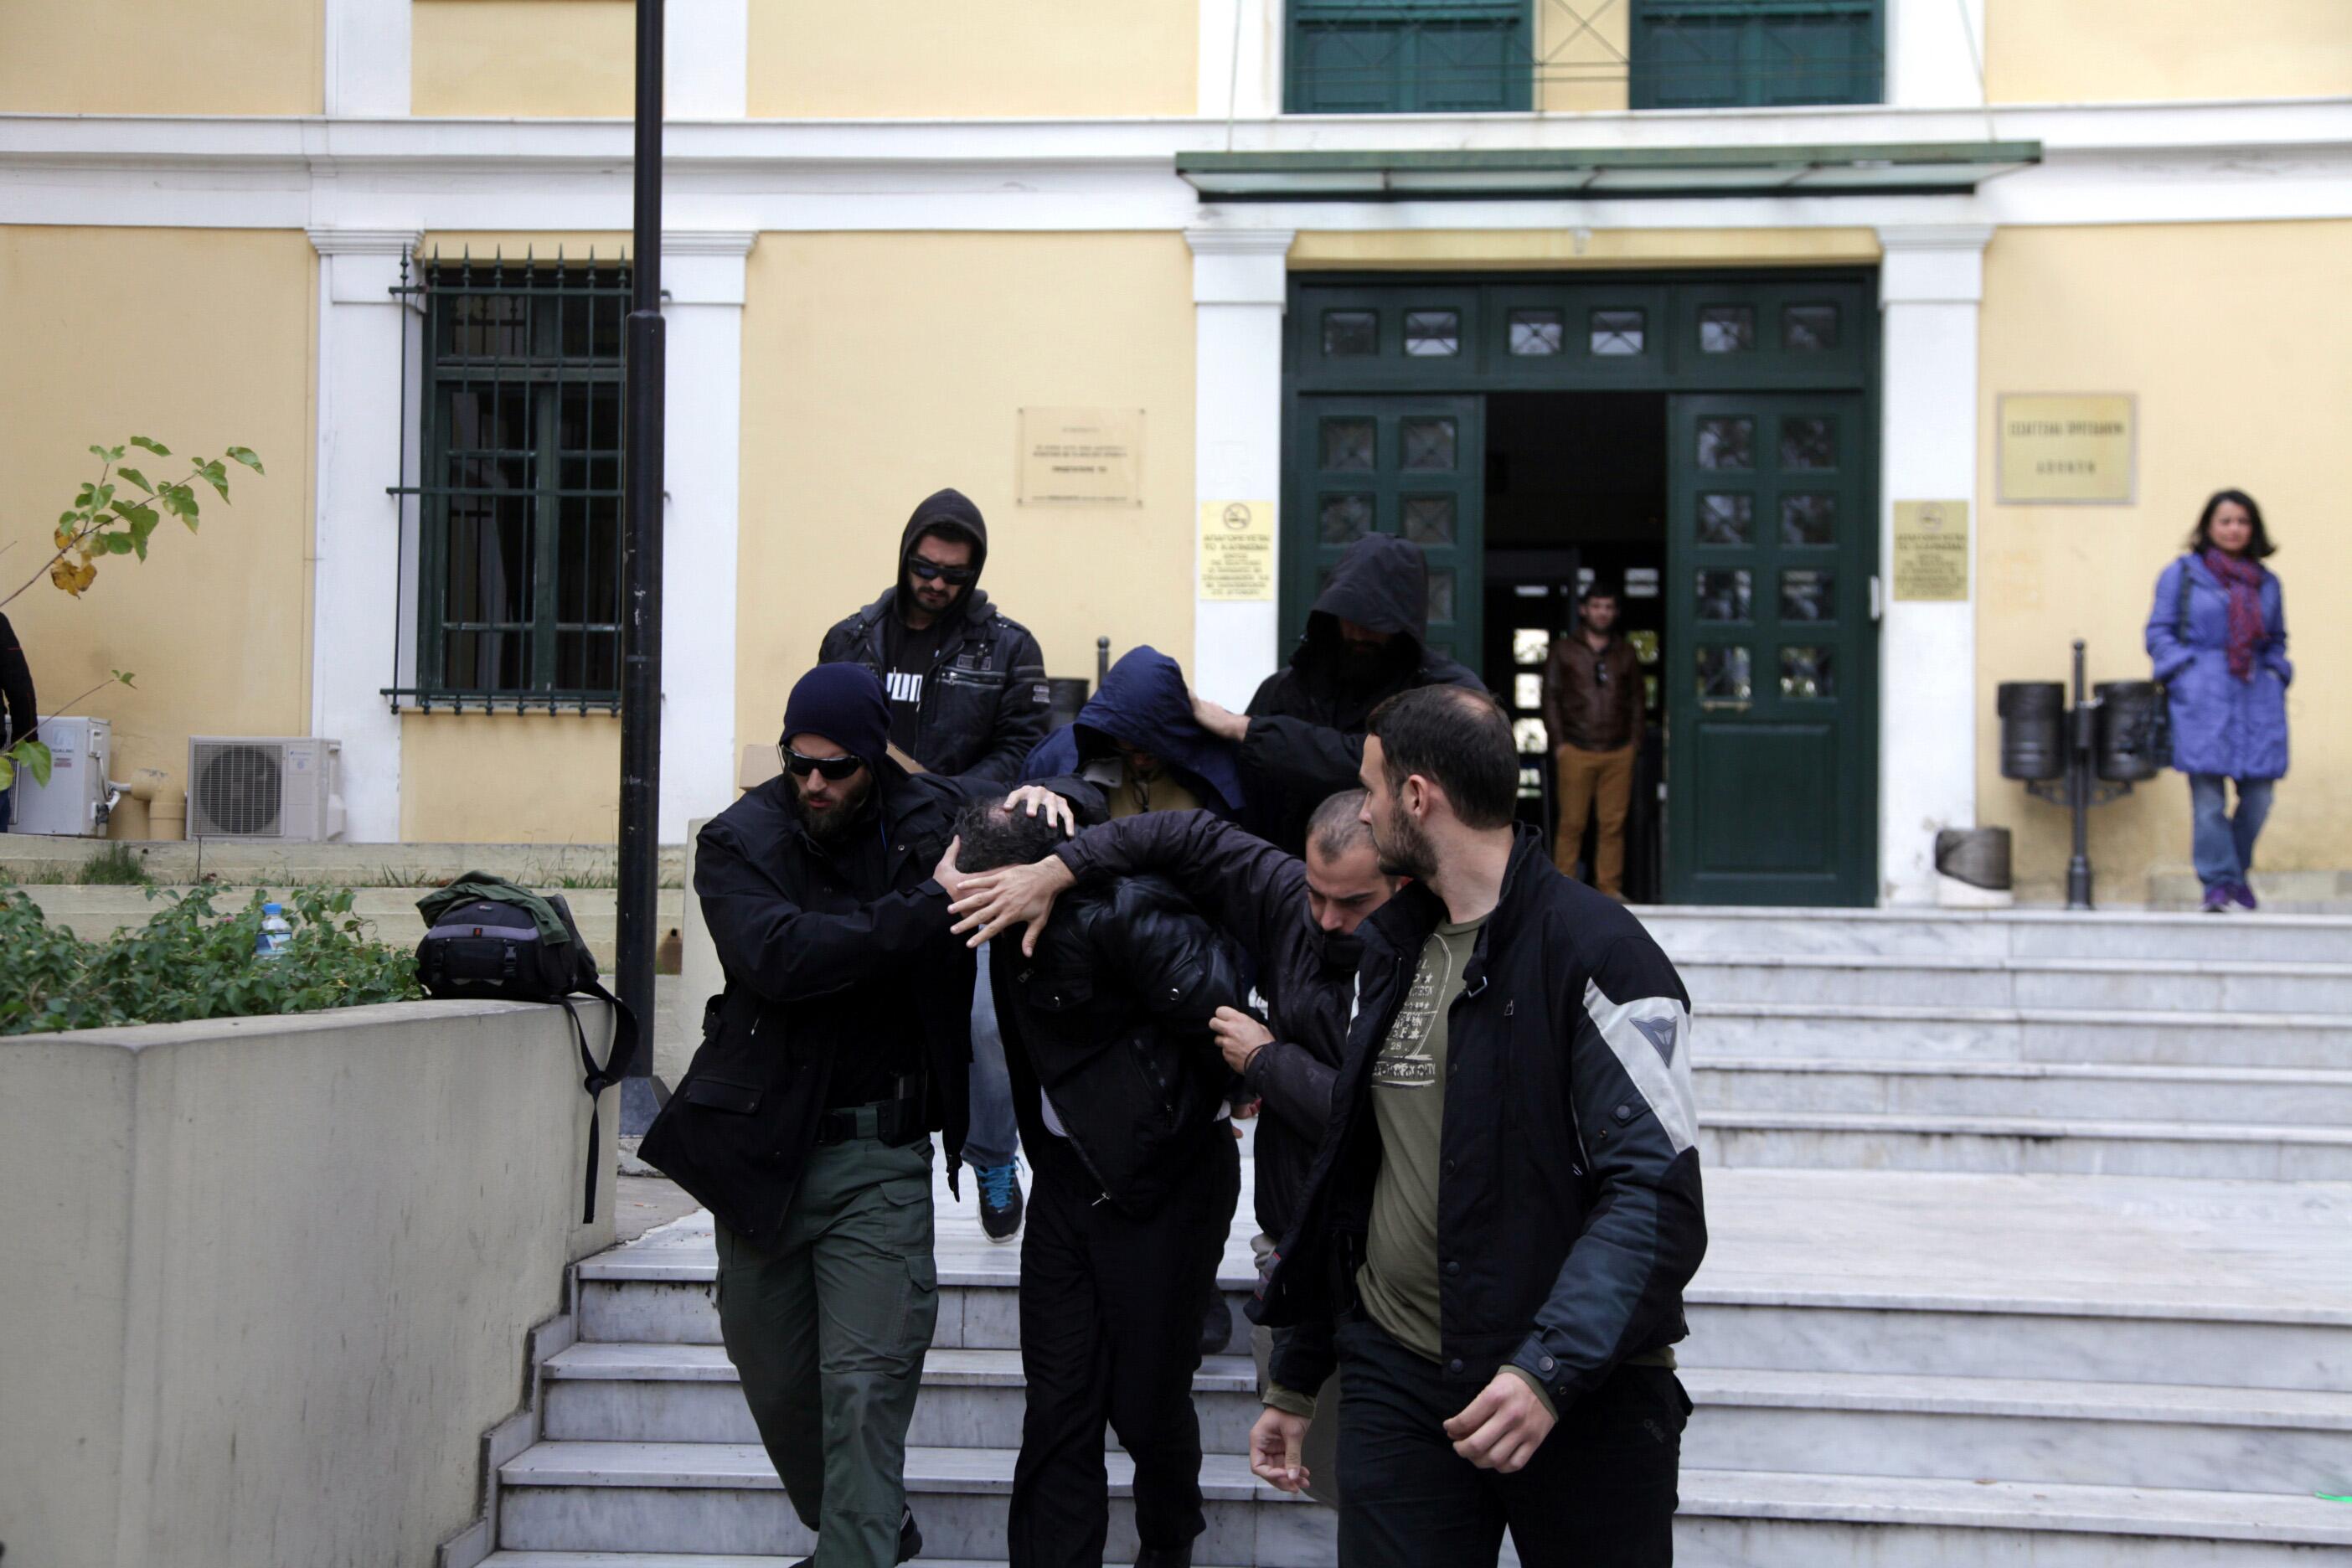 ereportaz : Τα ντοκουμέντα της απαγωγής (αποκλειστικές φωτο)